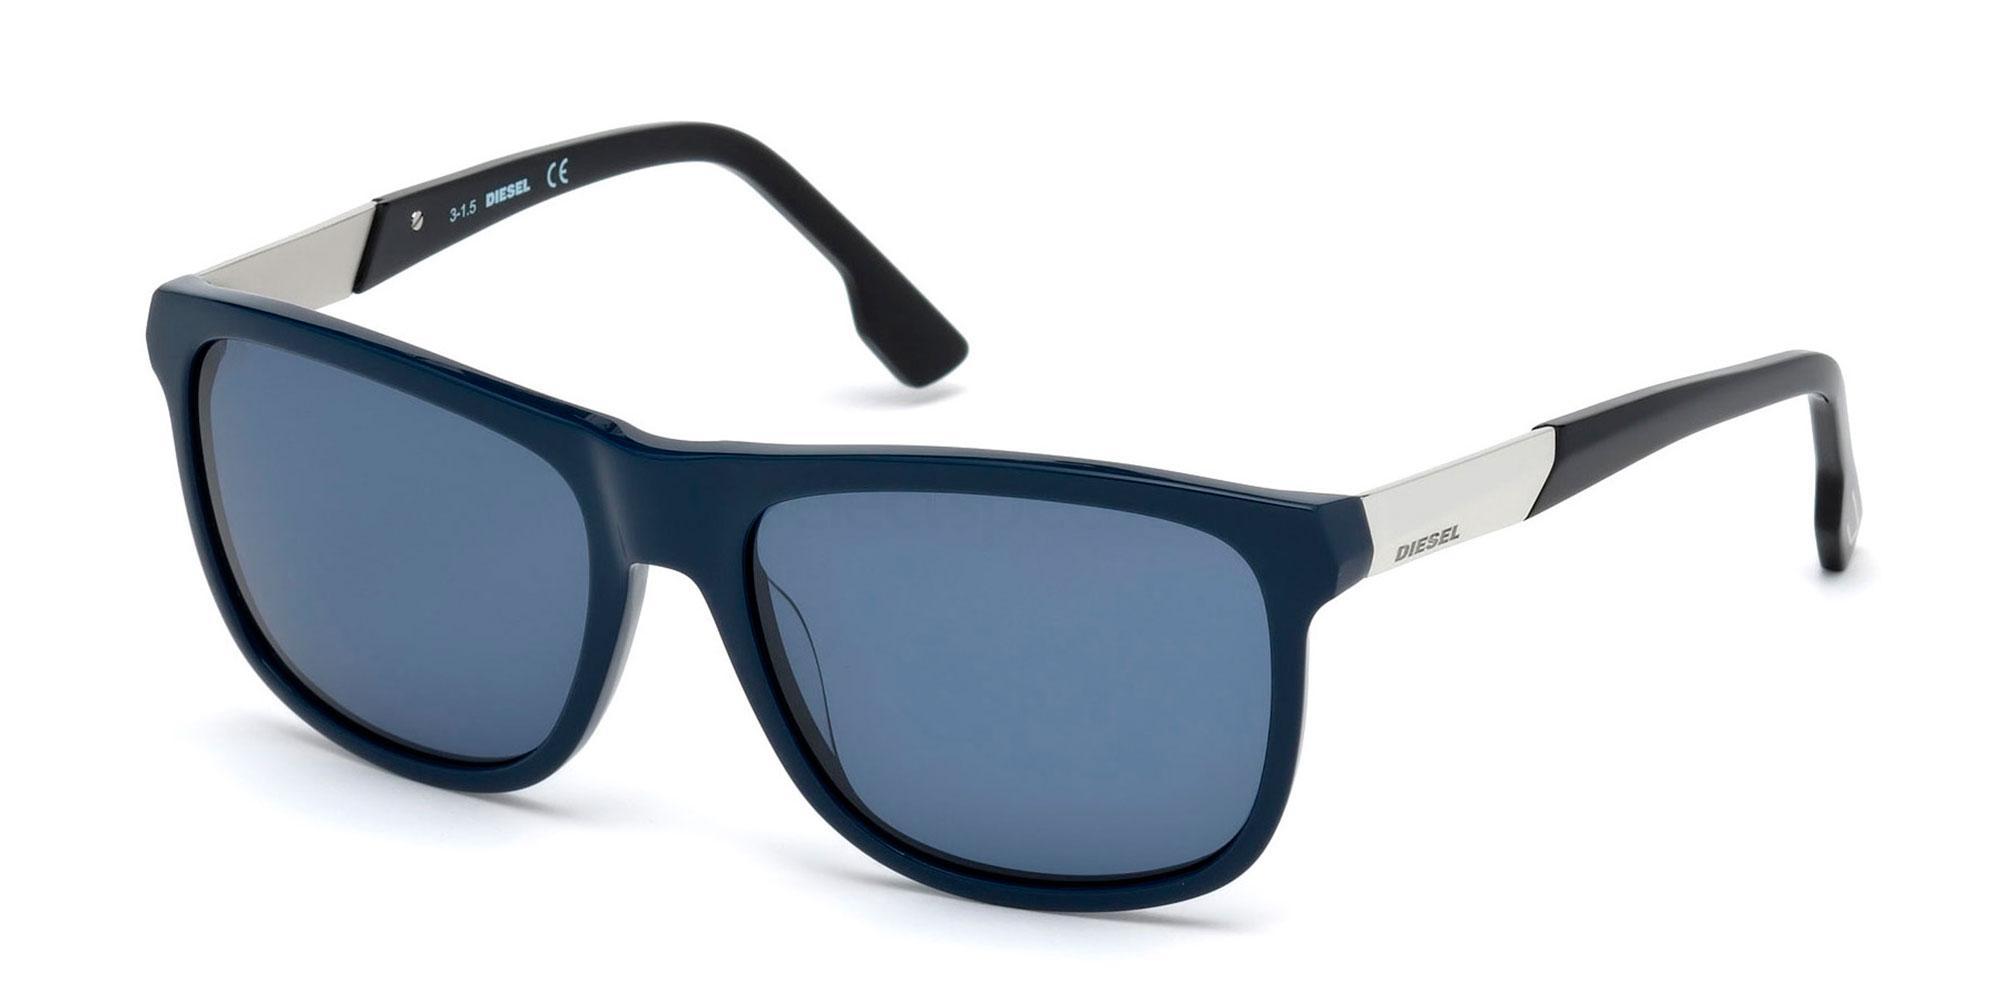 90V DL0187 Sunglasses, Diesel